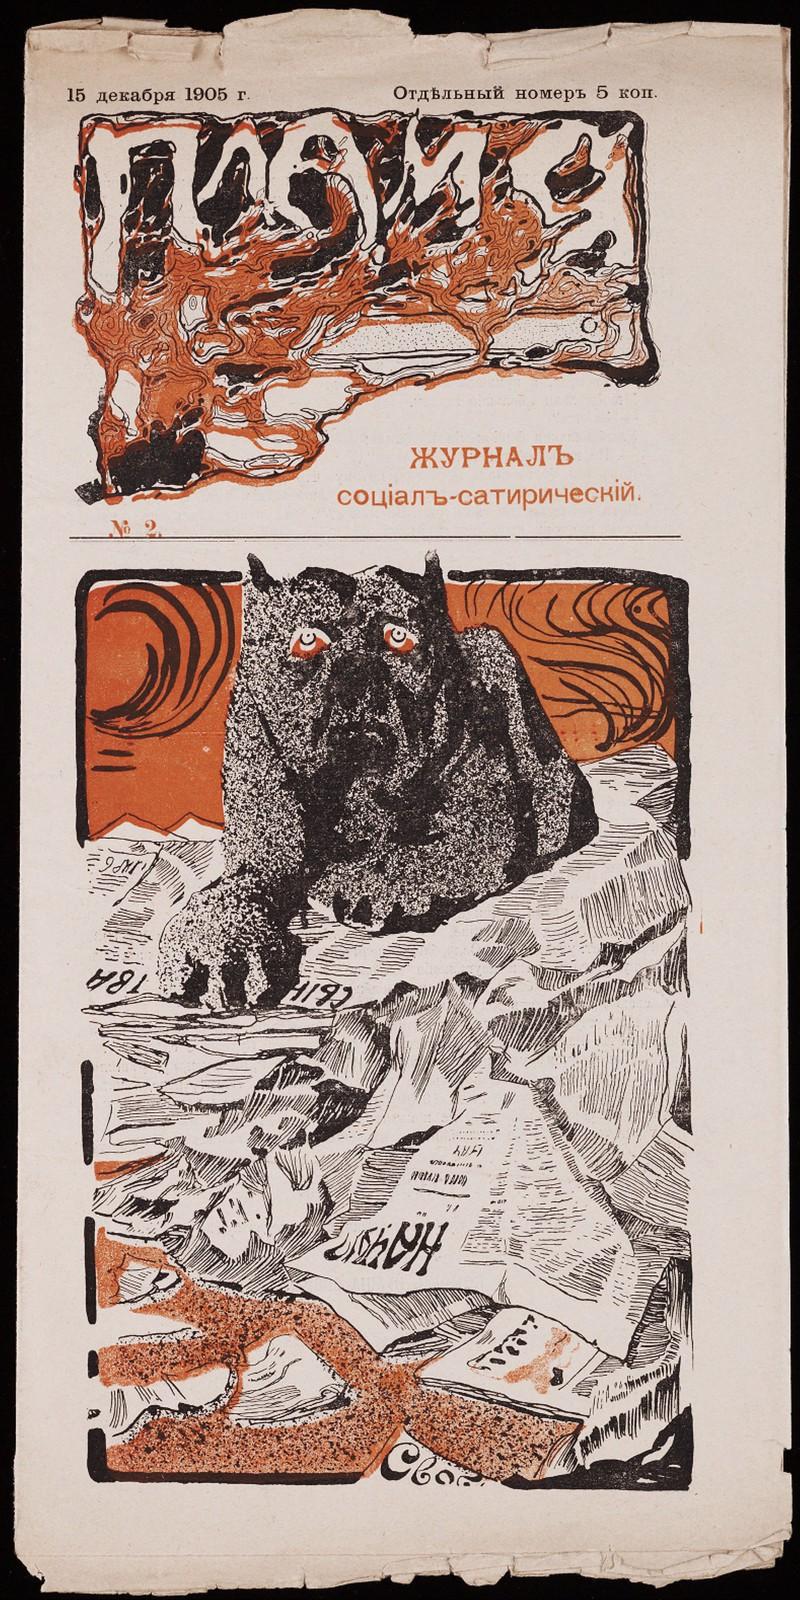 Plamia, Issue 2, 1905